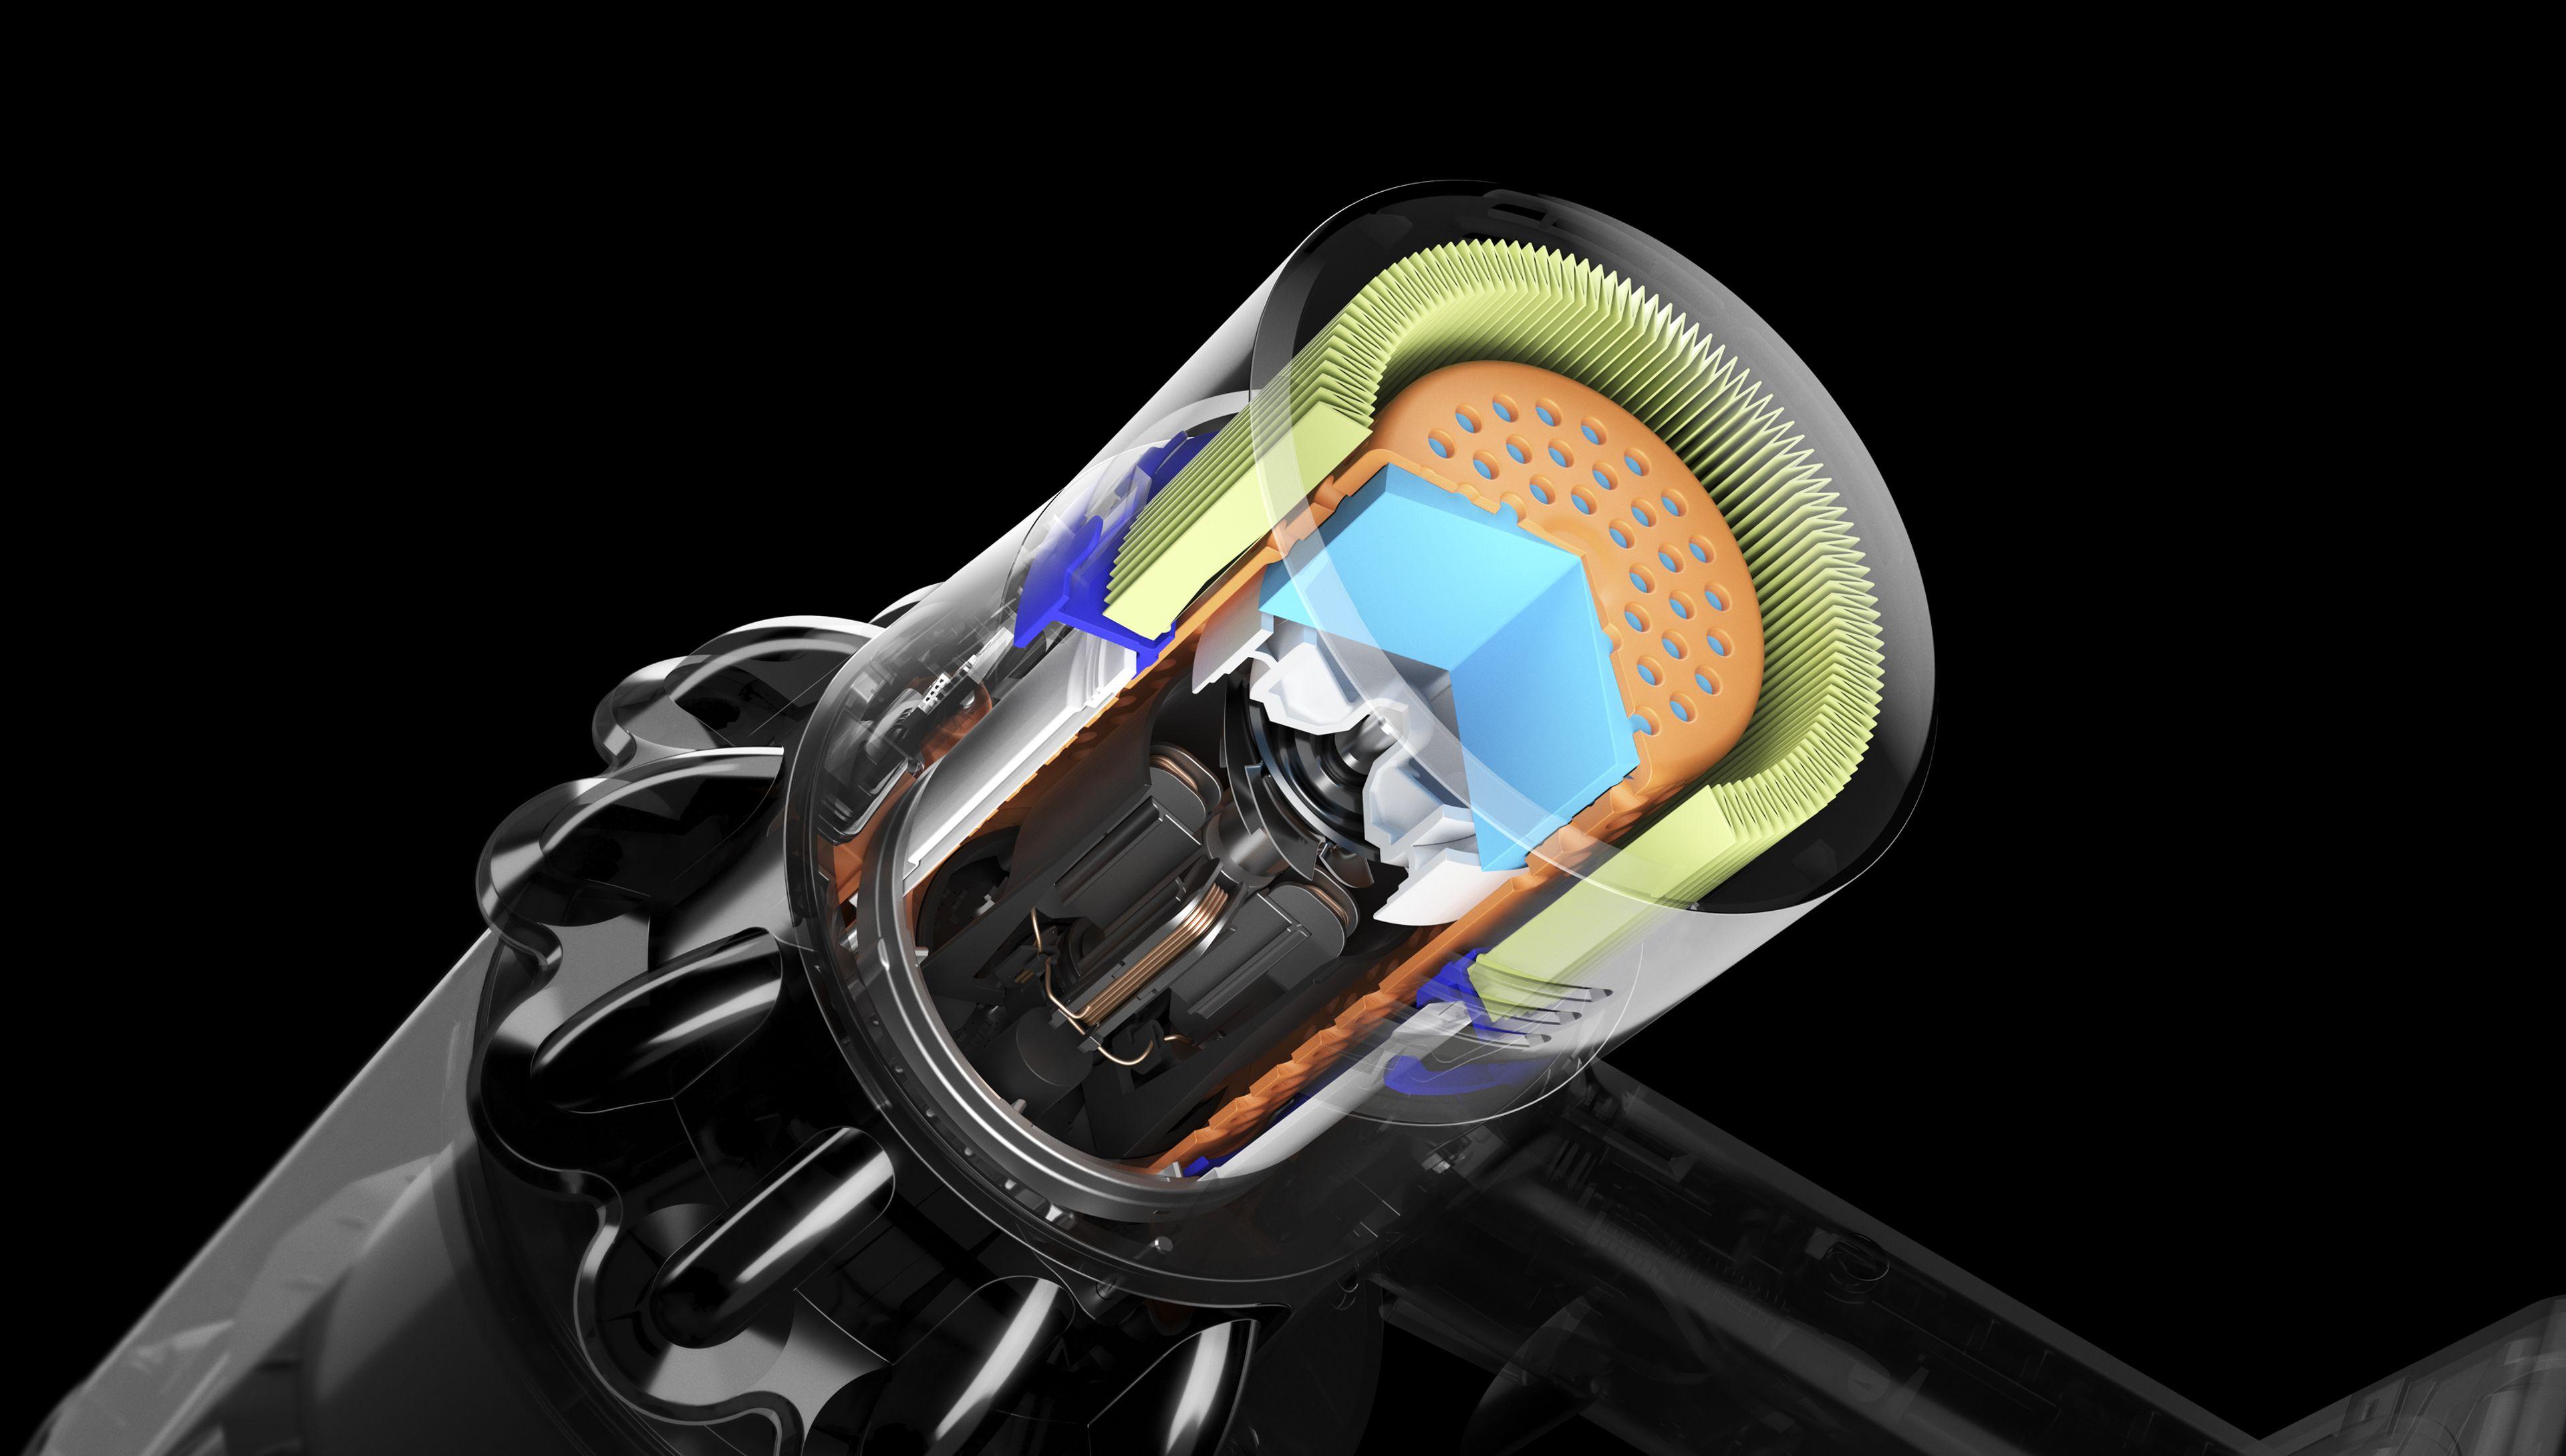 Przekrój filtra odkurzacza Dyson V11 z izolacją akustyczną